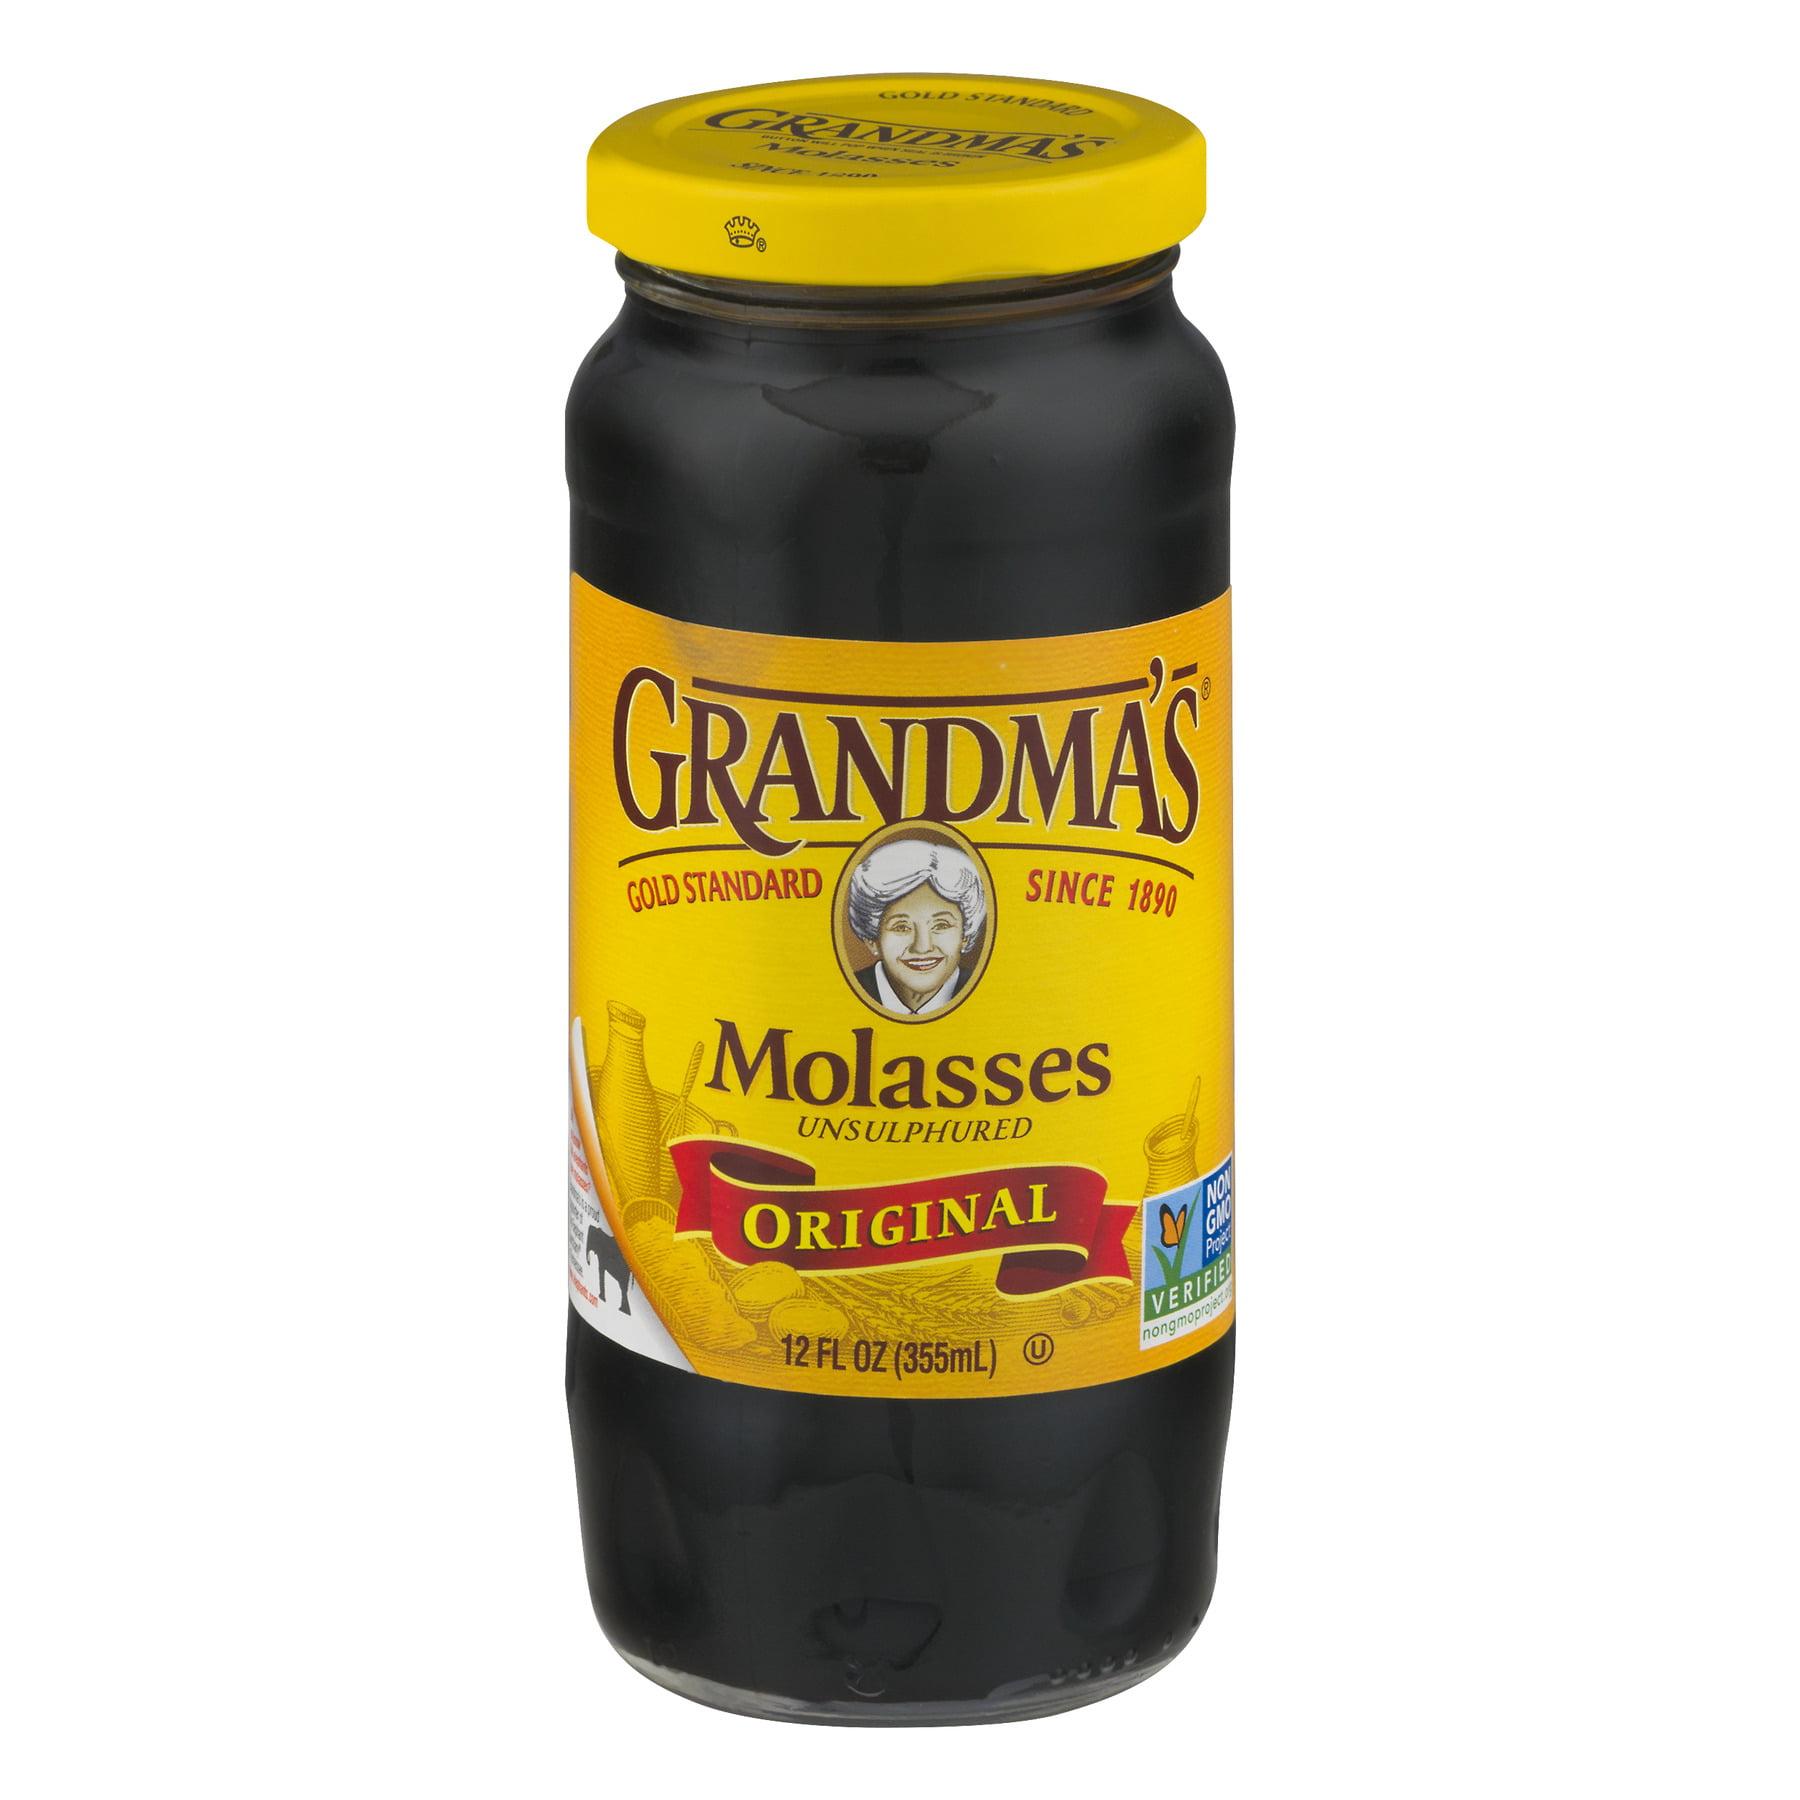 (2 Pack) Grandma's Original Molasses, 12 Oz